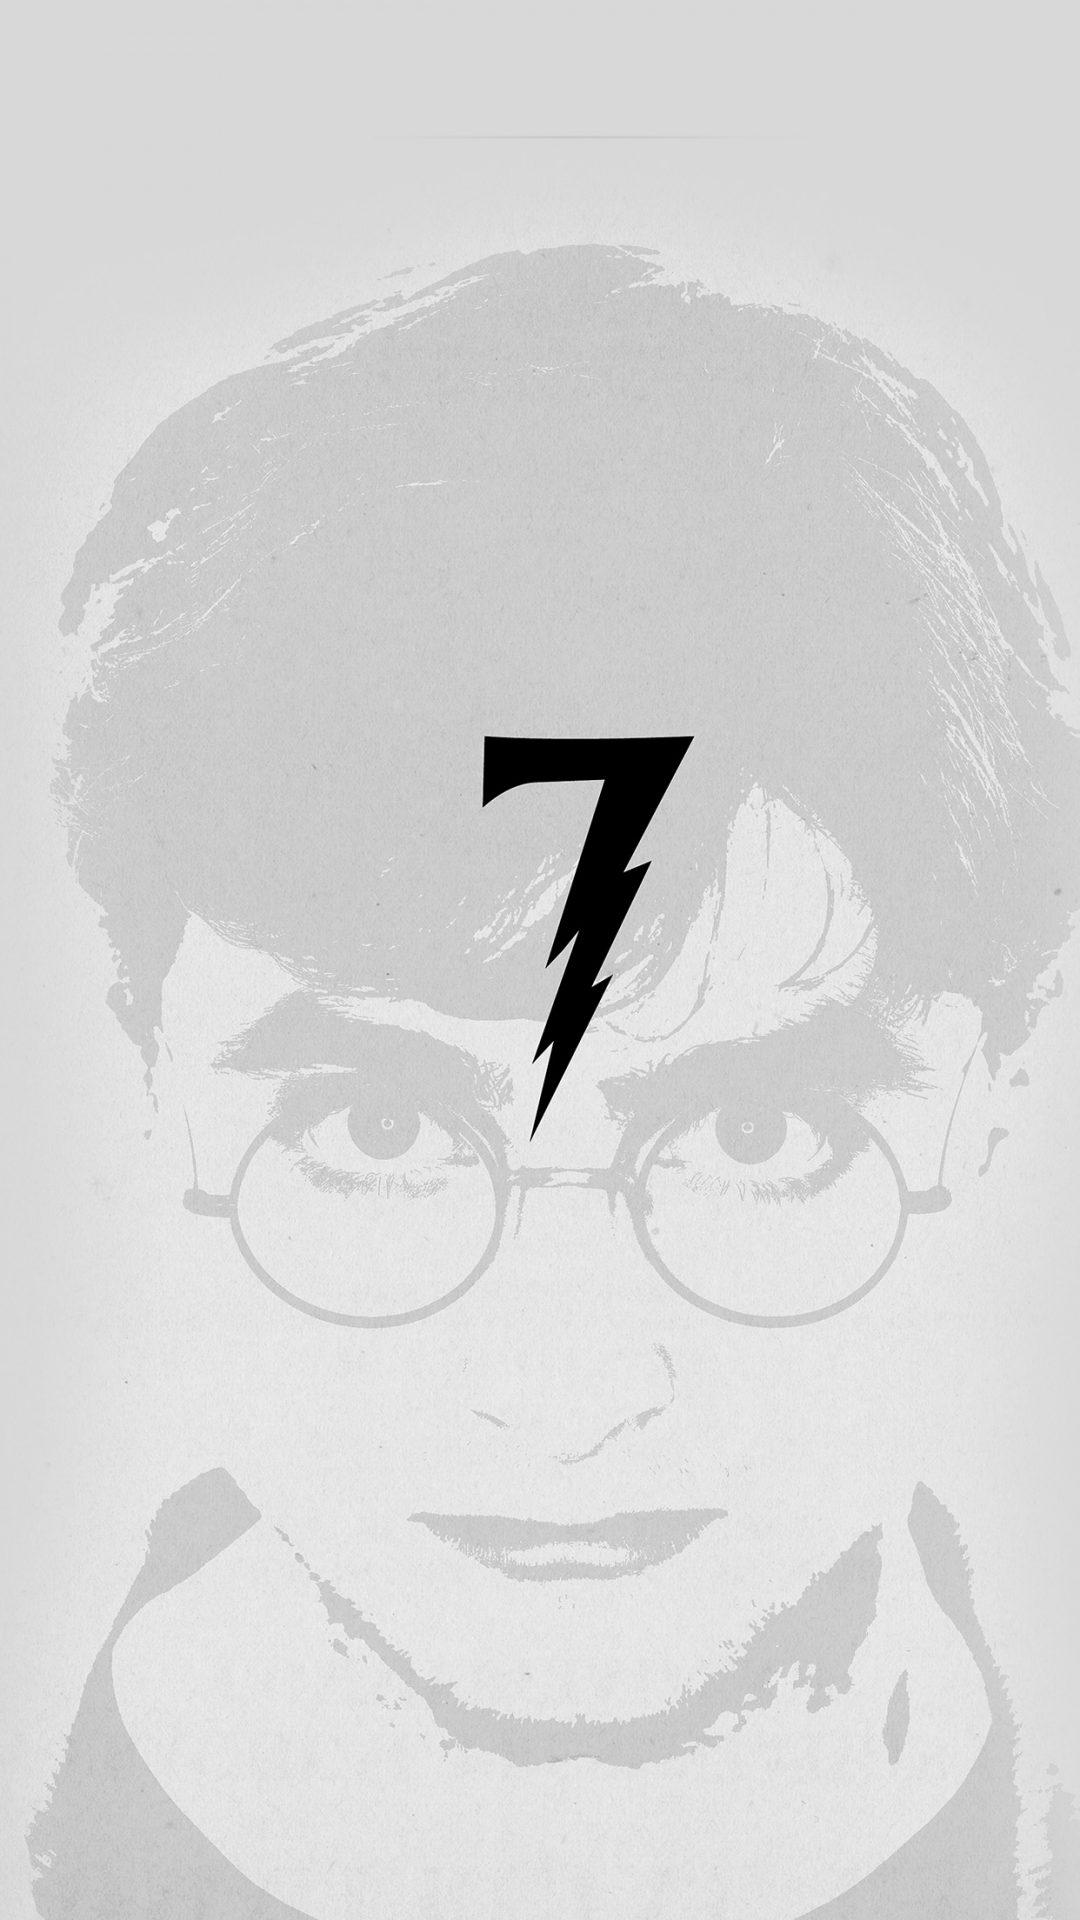 Harry Potter Art Minimal Film Gray